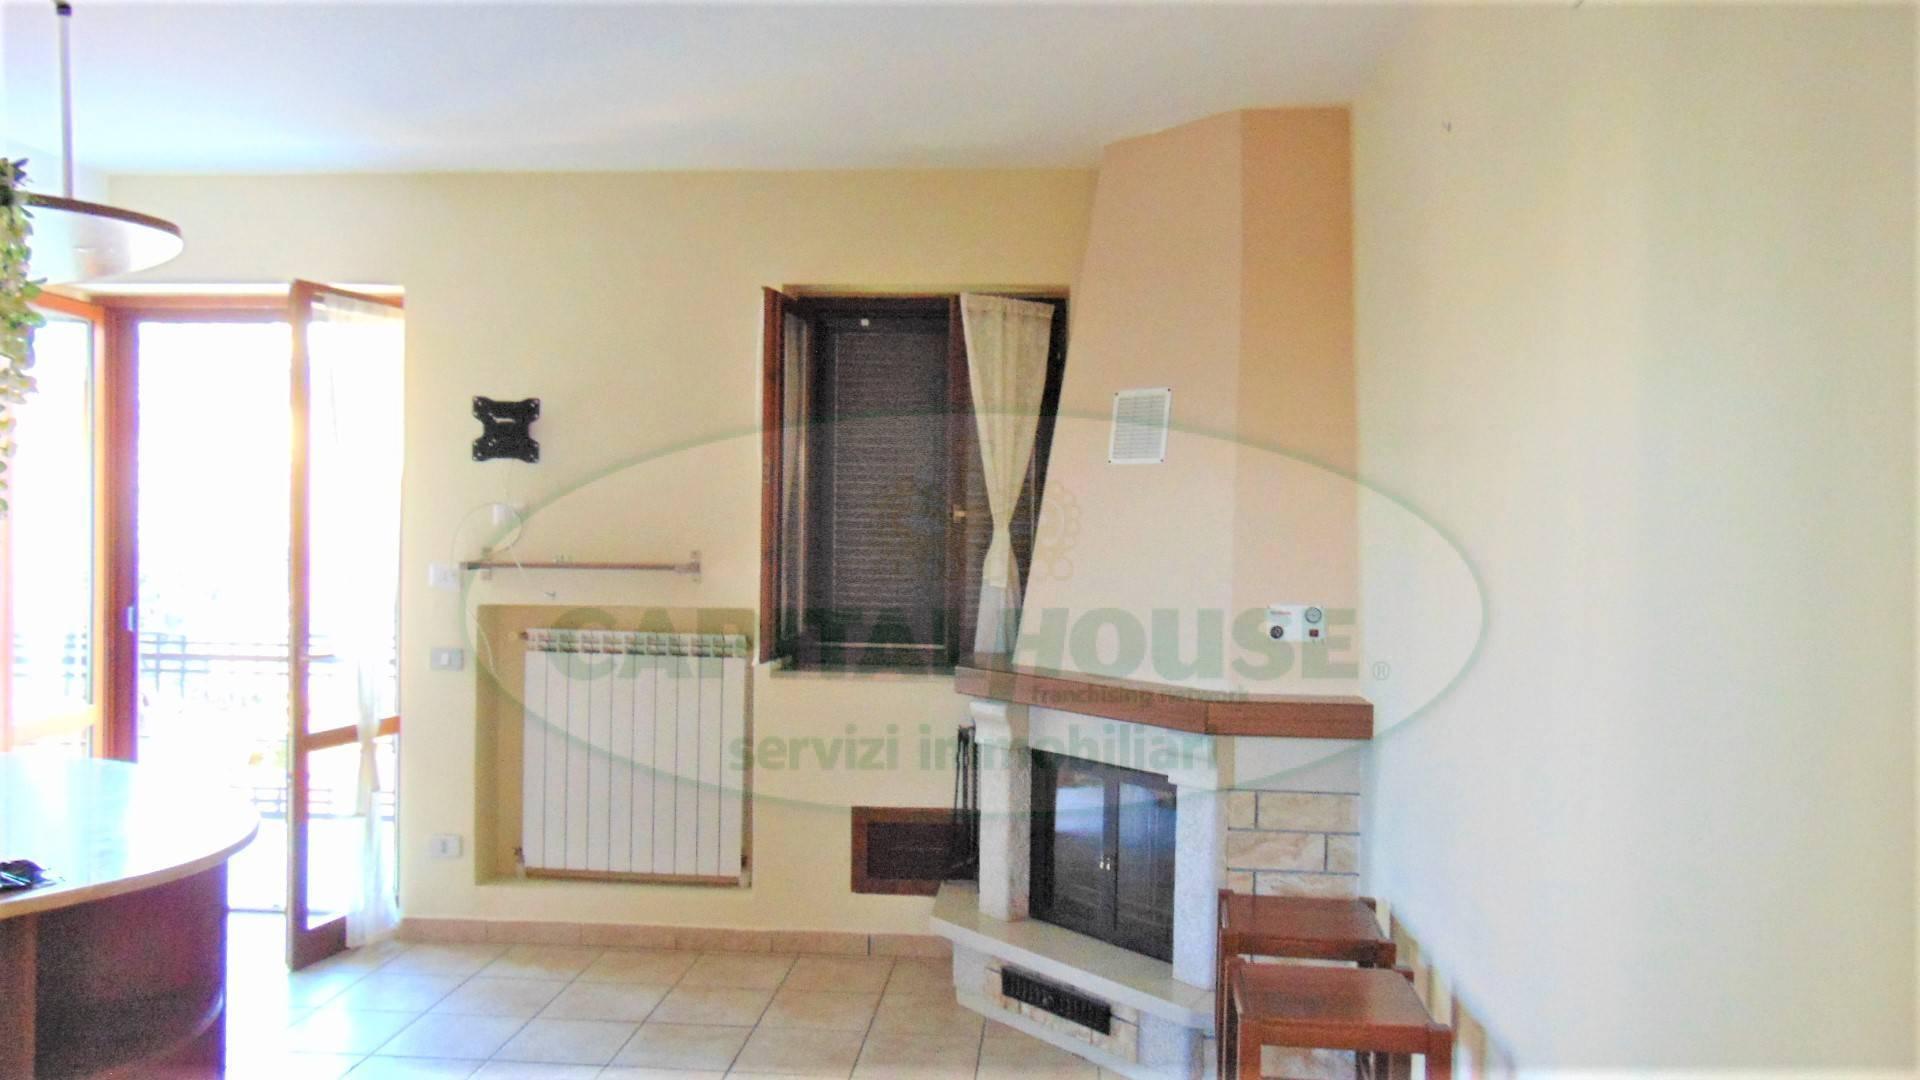 Appartamento in vendita a Sirignano, 3 locali, prezzo € 110.000   PortaleAgenzieImmobiliari.it